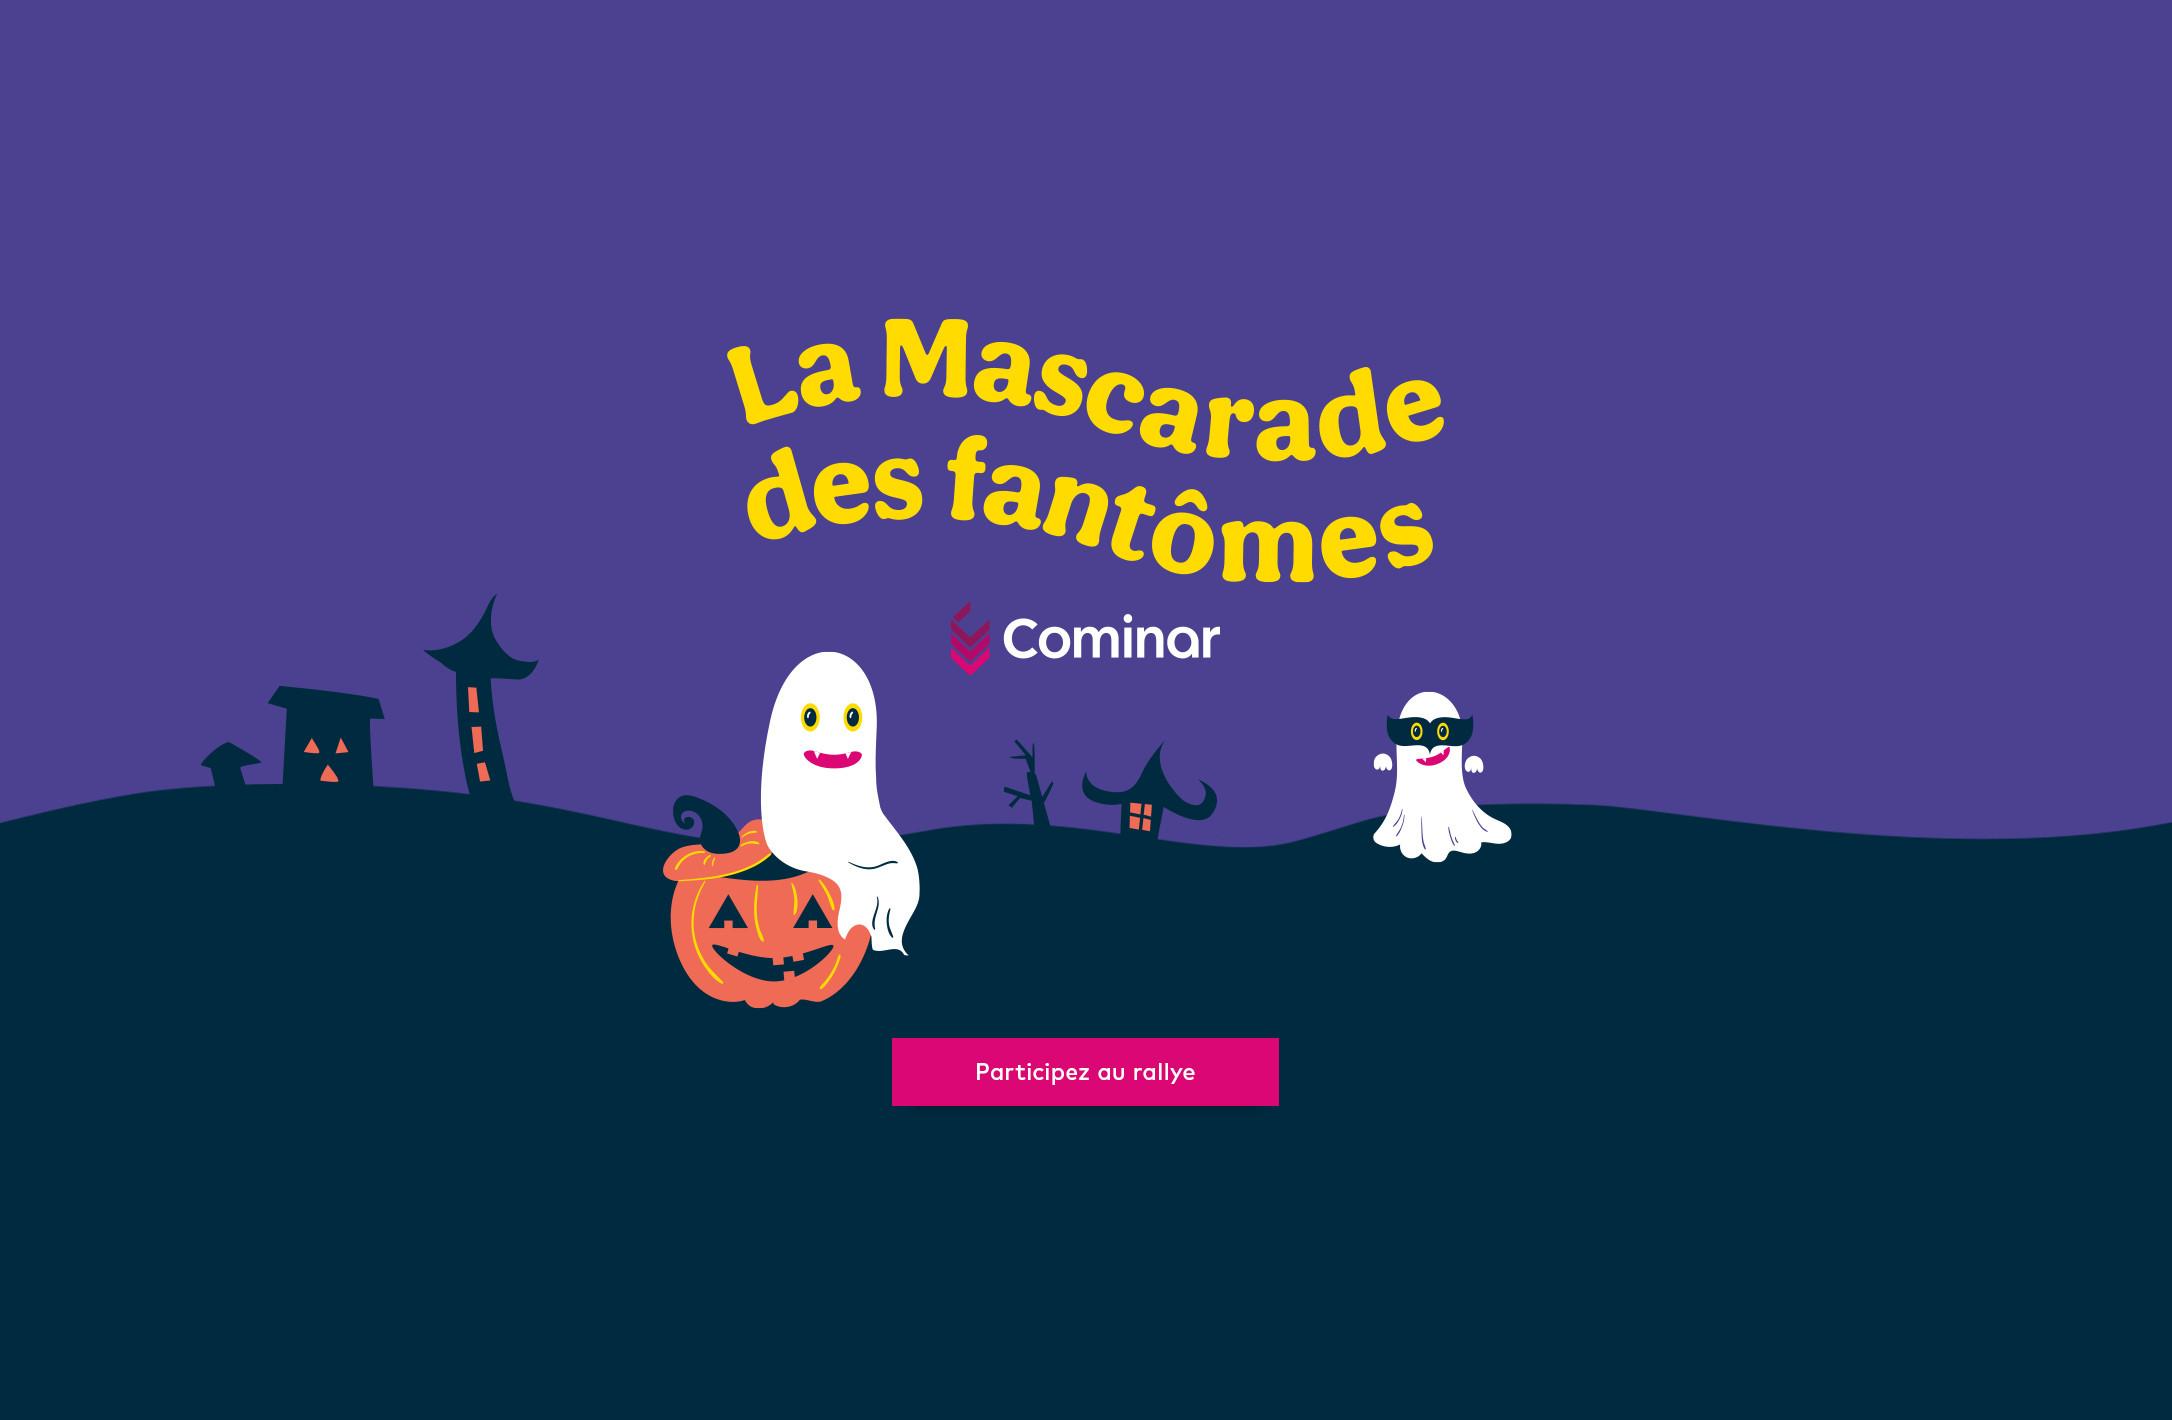 https://lesrivieres.com/evenements/un-rallye-gratuit-pour-celebrer-l-halloween